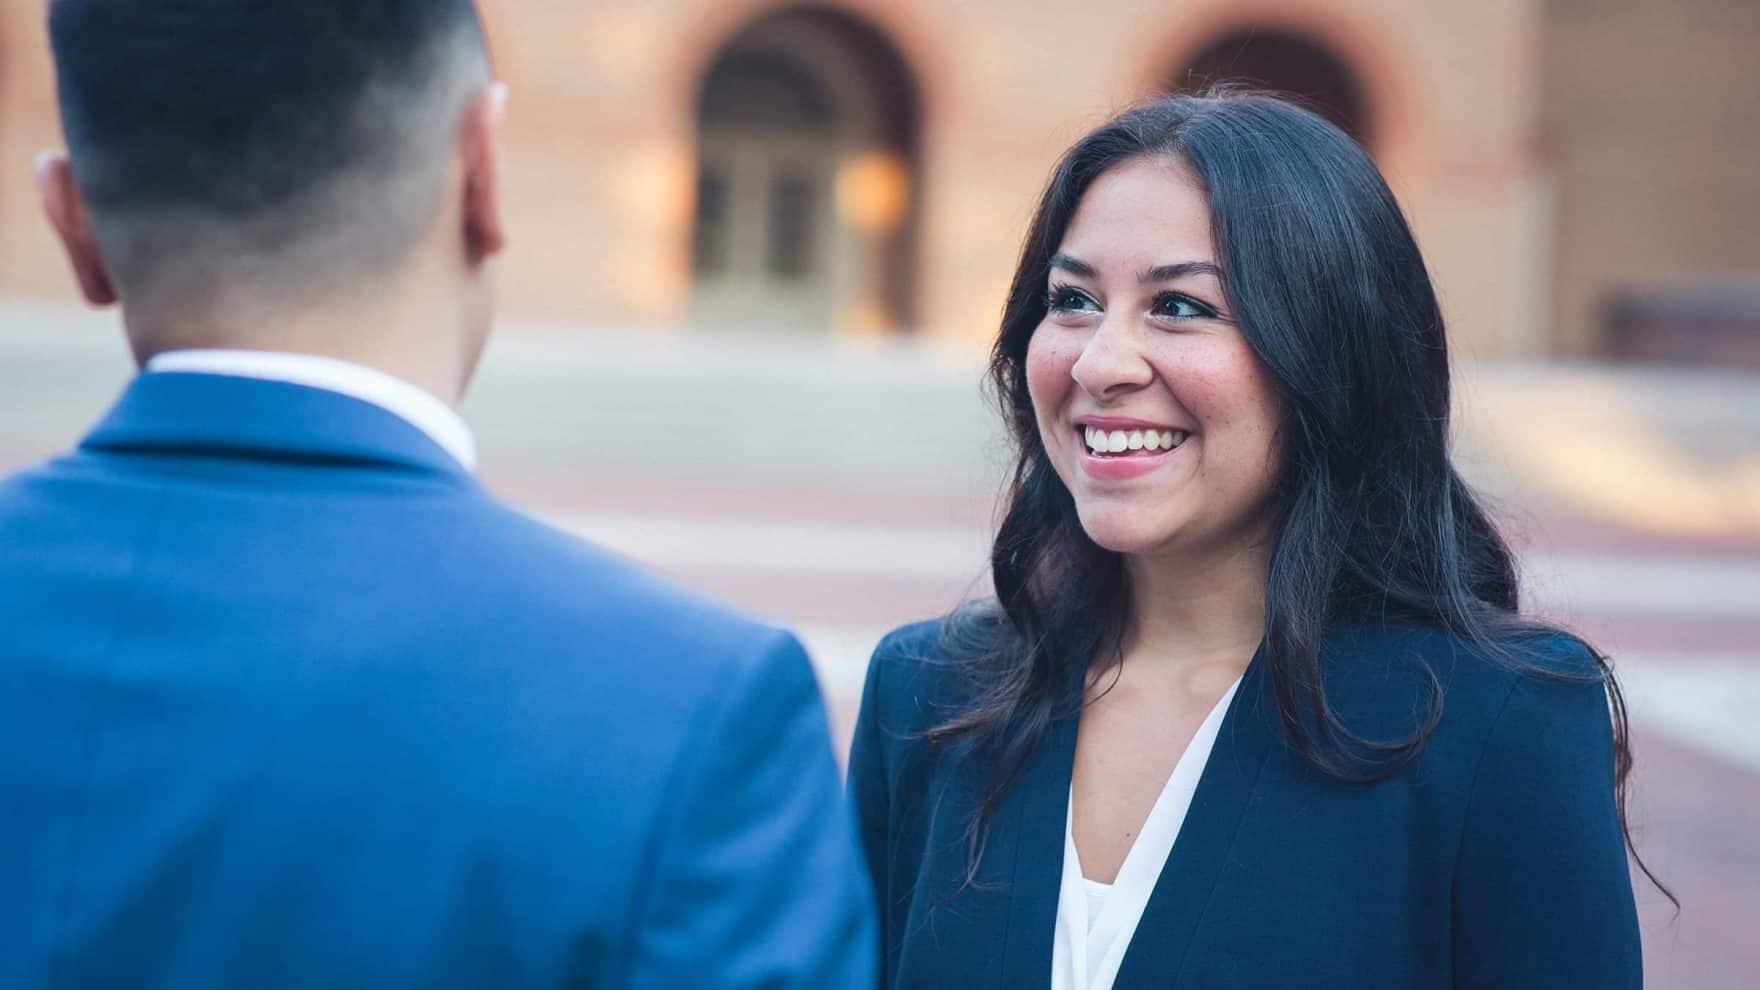 Regent law students: Learn how long law school is.